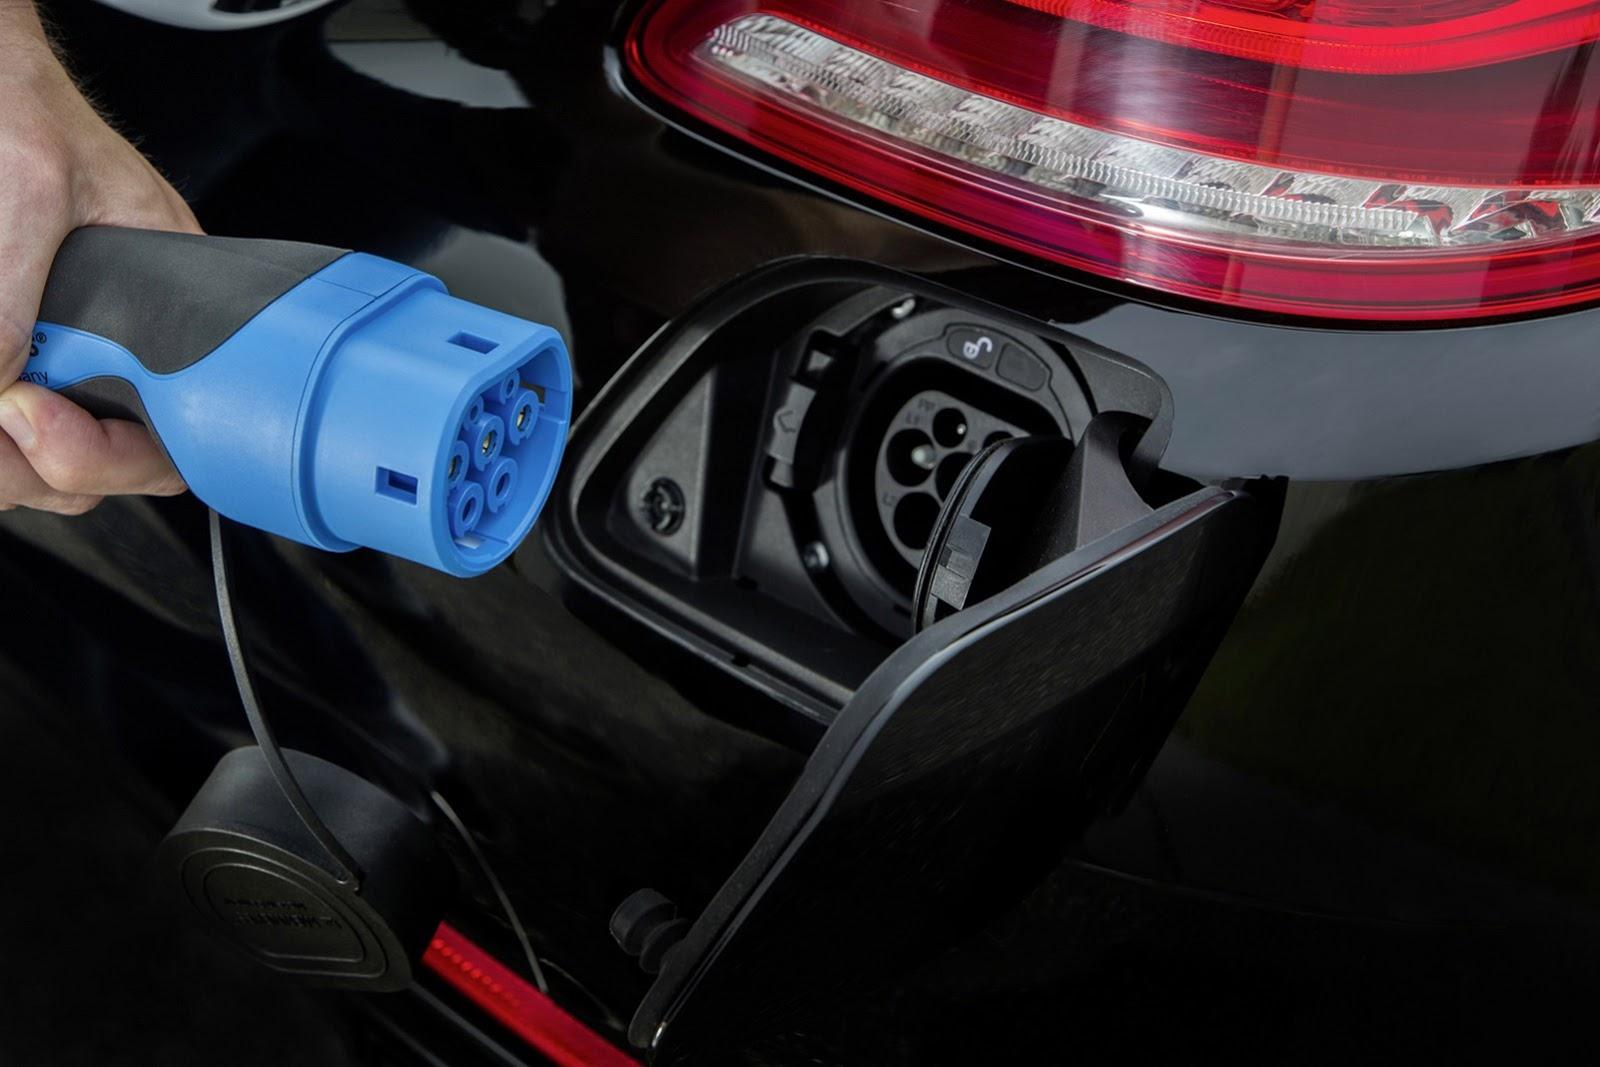 ev-cheaper-than-gas-guzzlers-future-2.jpg